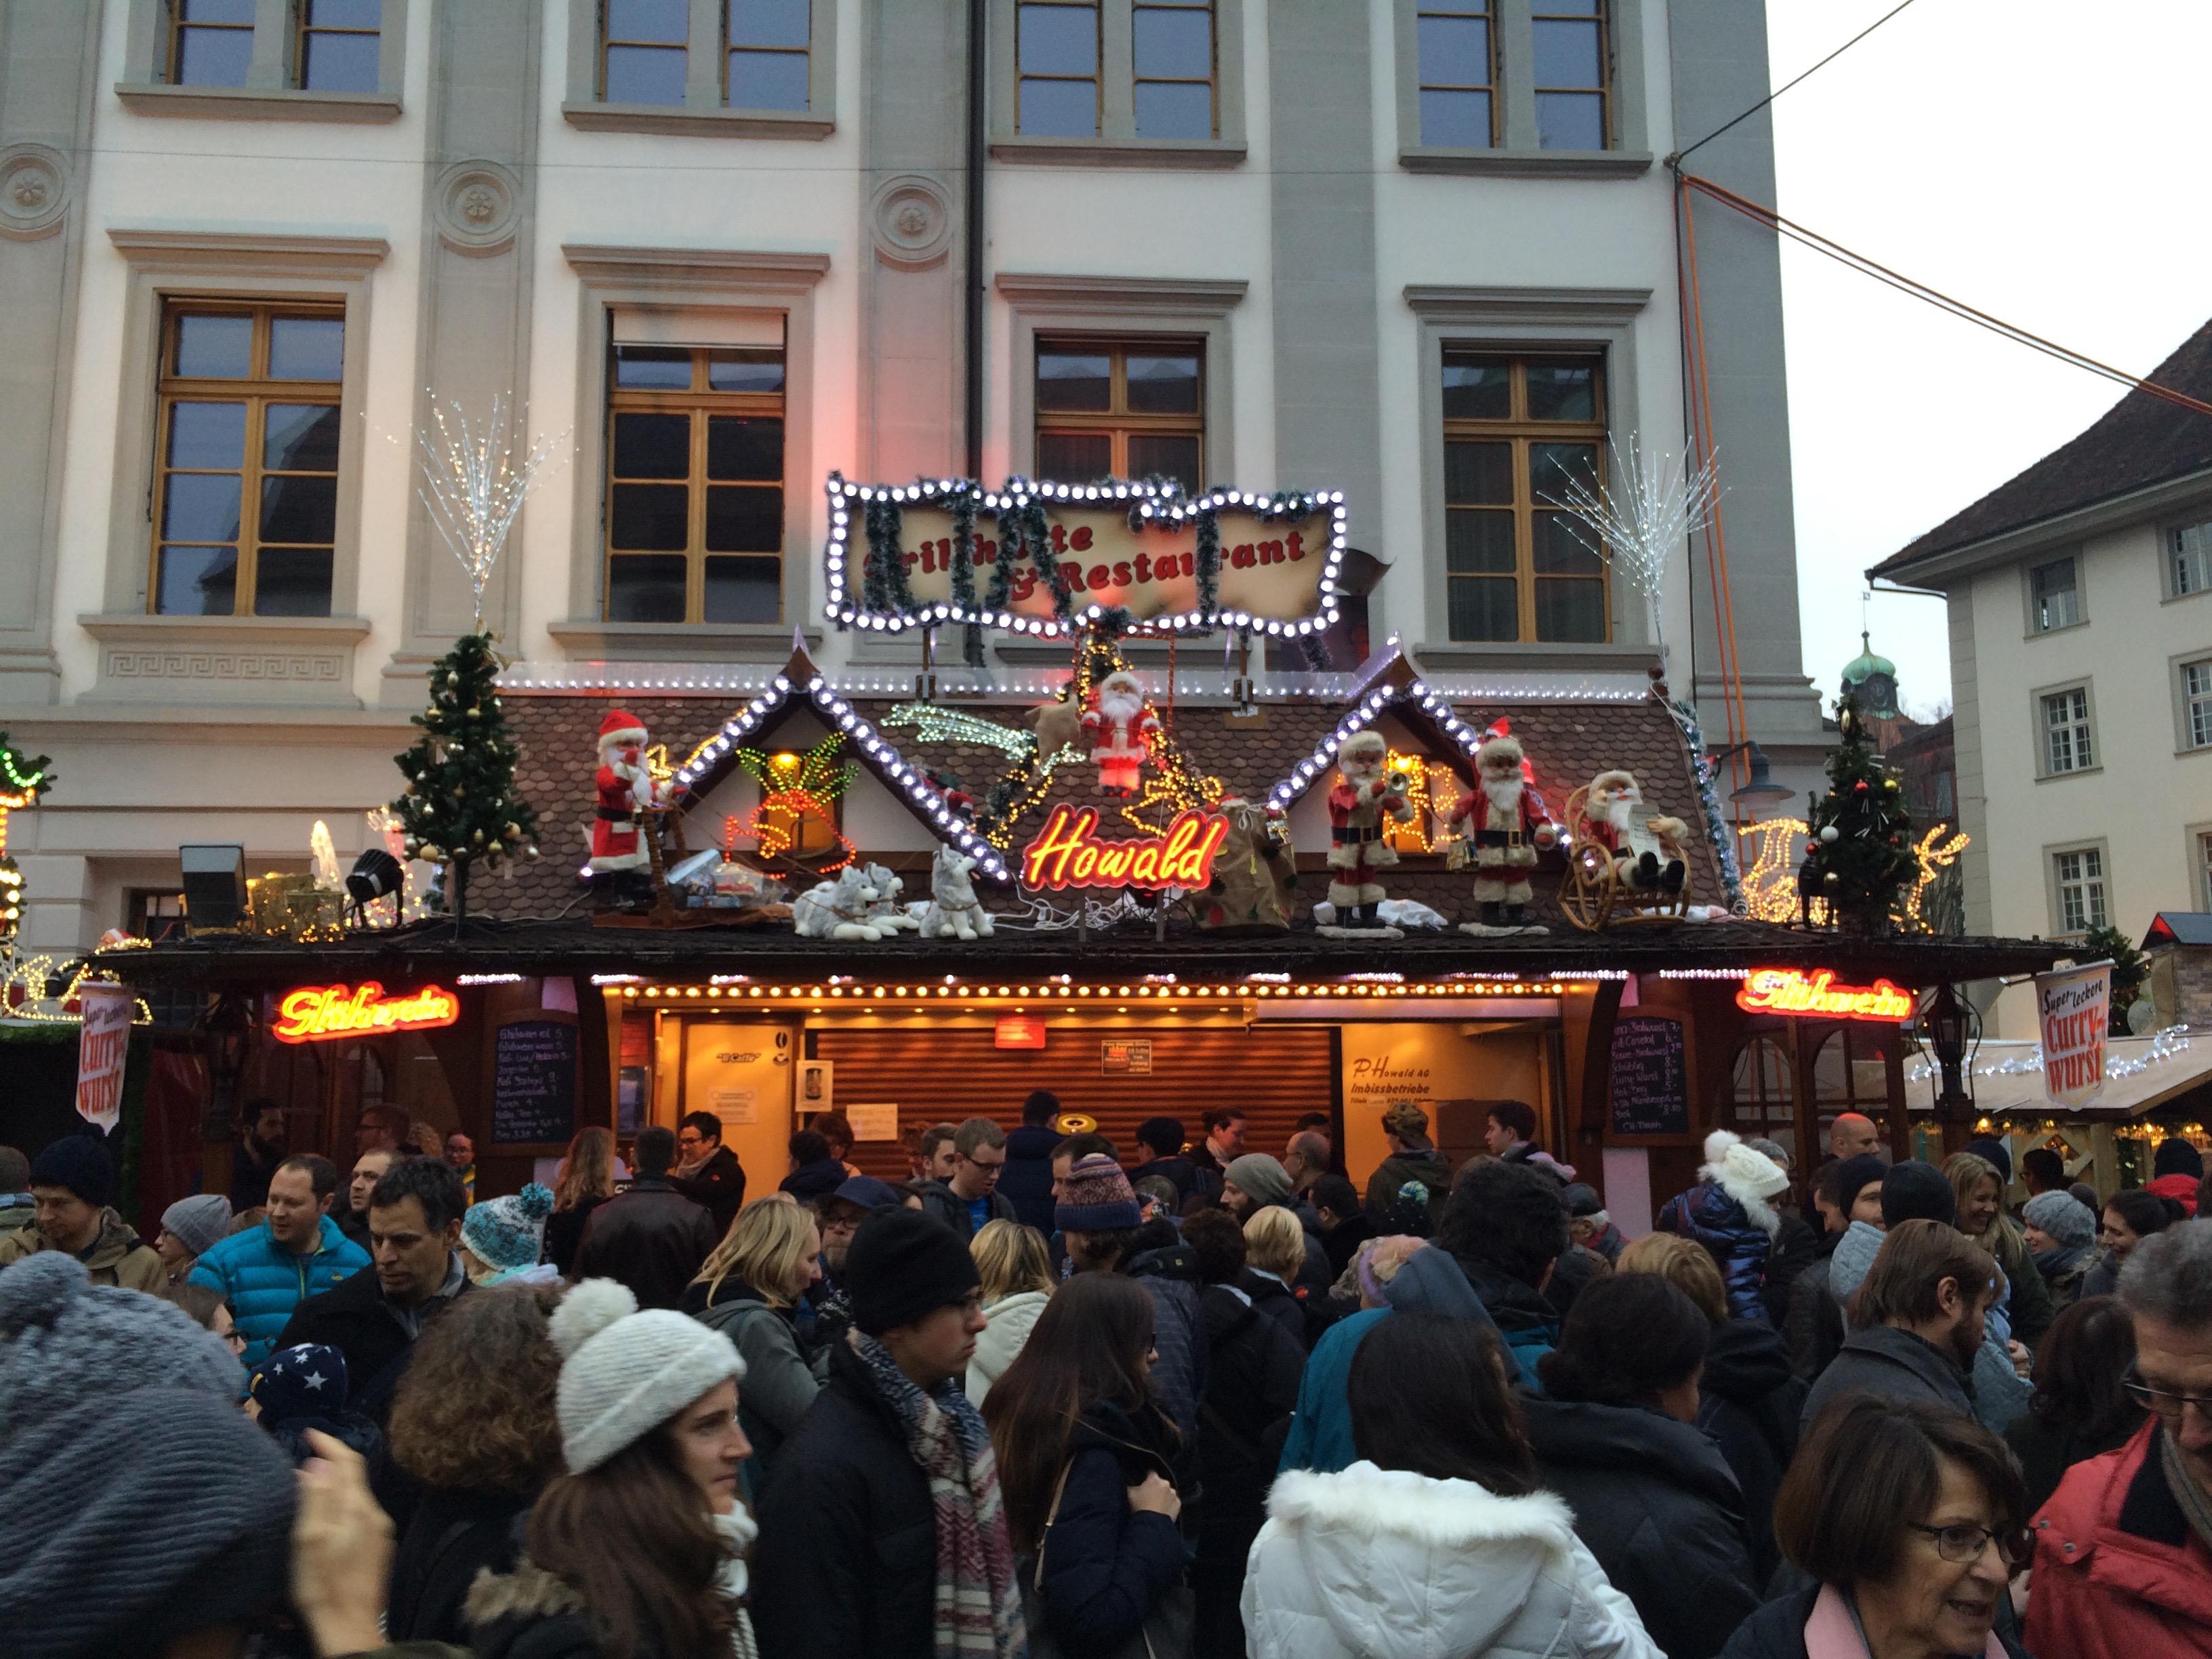 Christmas Market in Lucerne, Switzerland